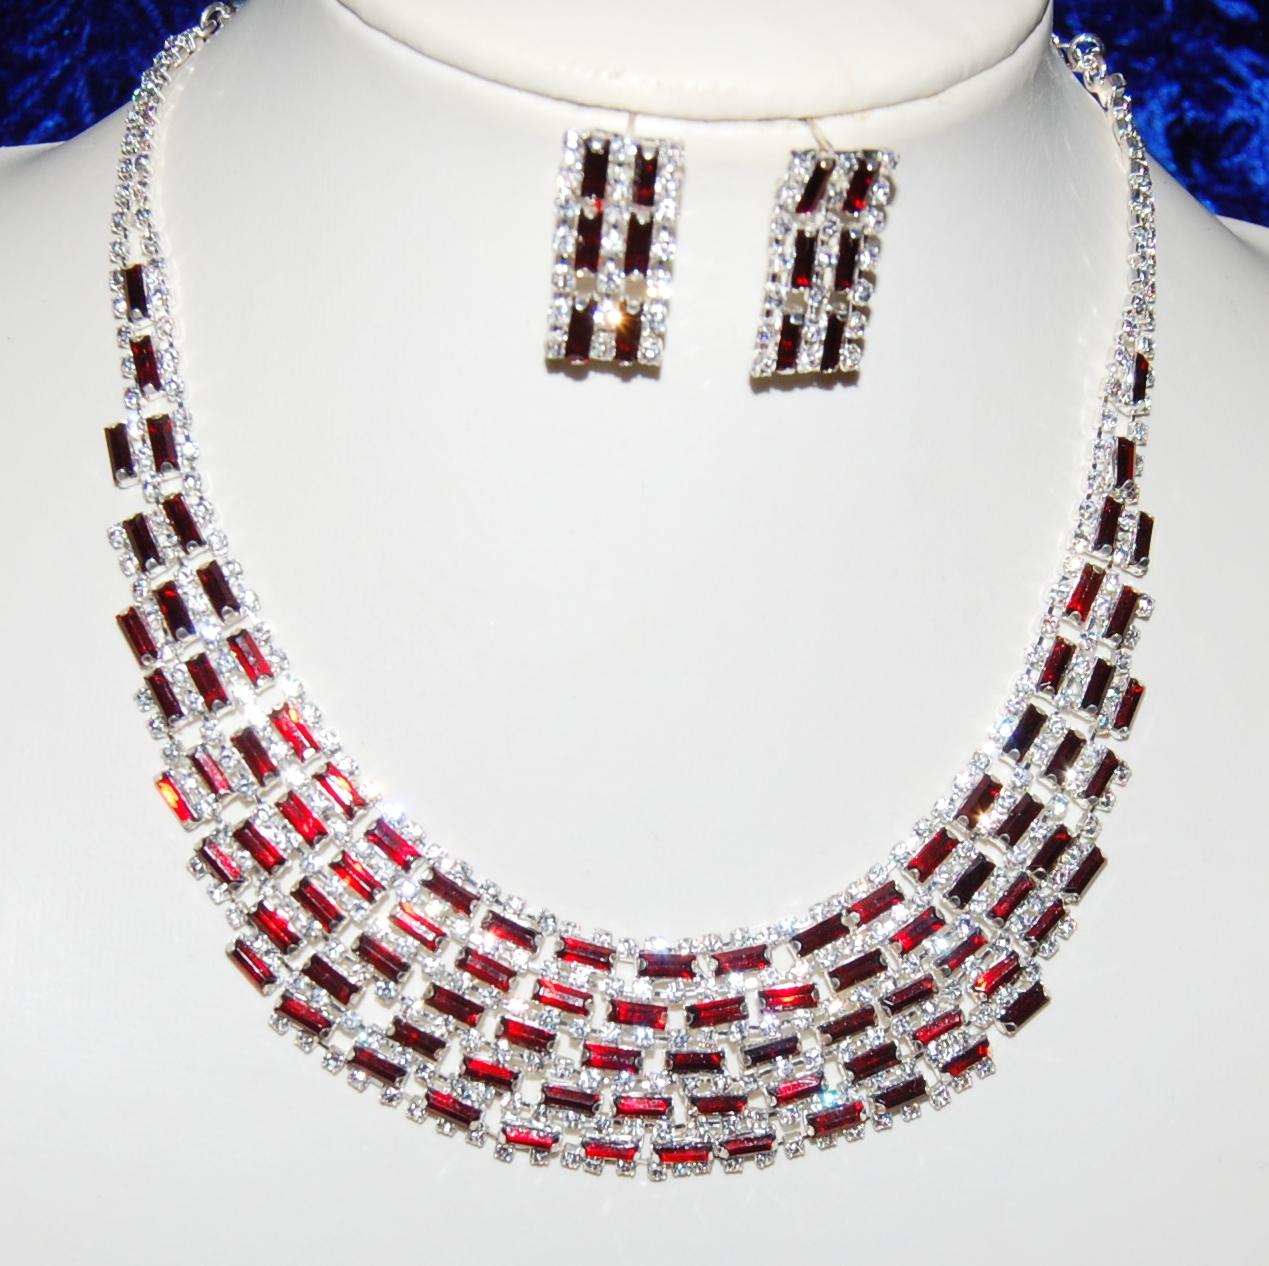 parure bijoux mariage cristal rouge un jour sp cial. Black Bedroom Furniture Sets. Home Design Ideas